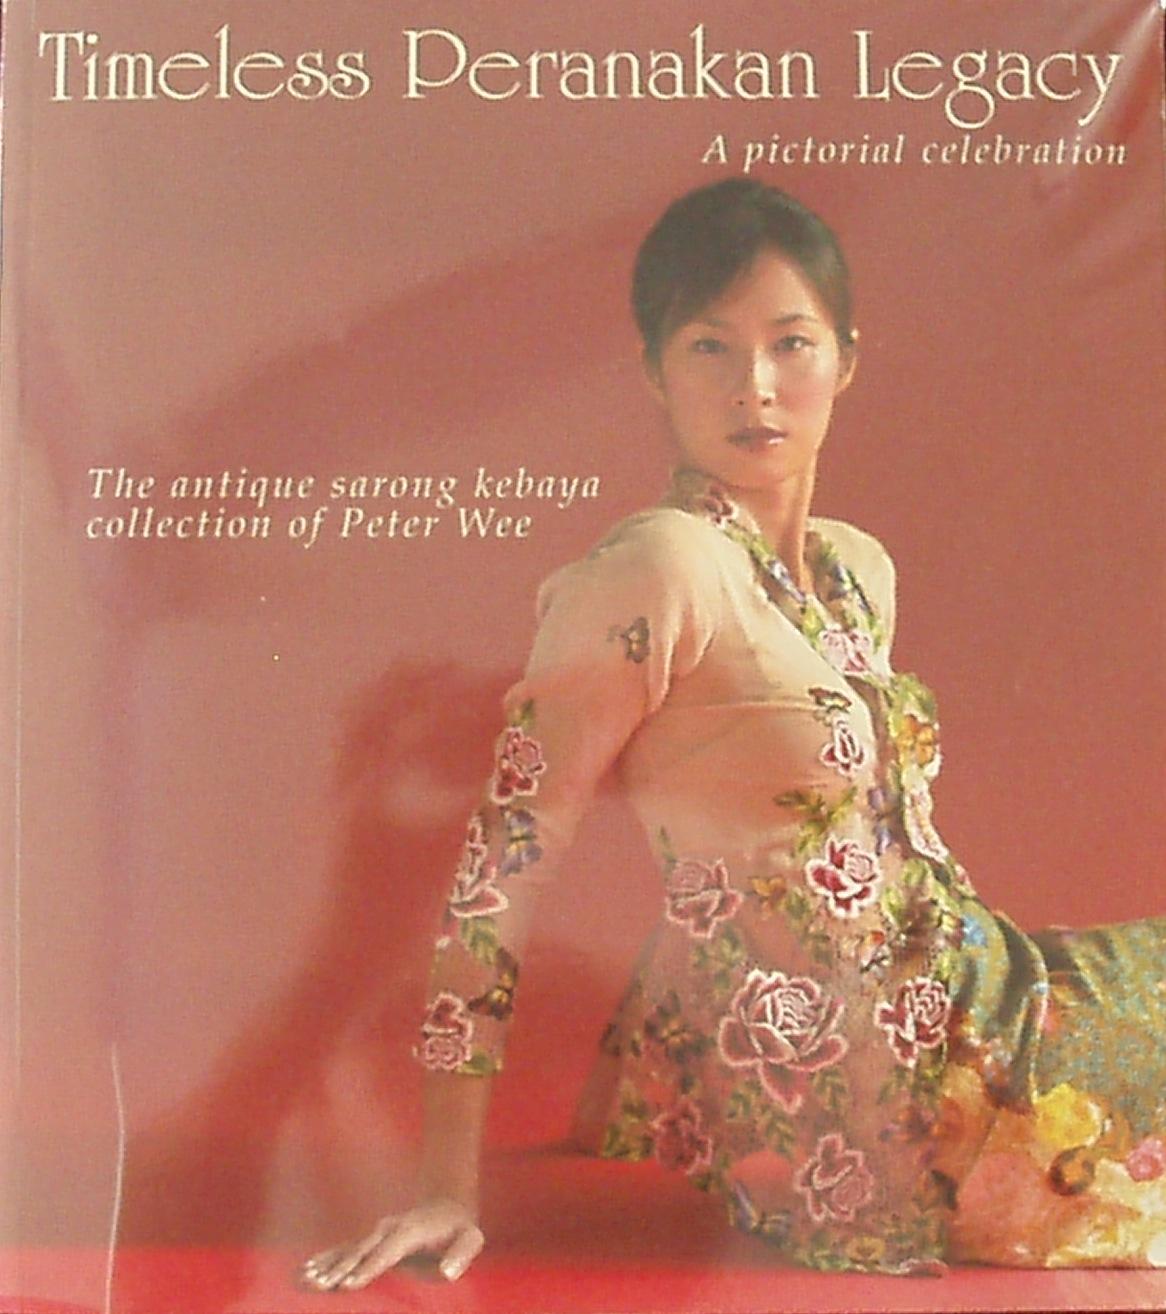 Timeless Peranakan legacy